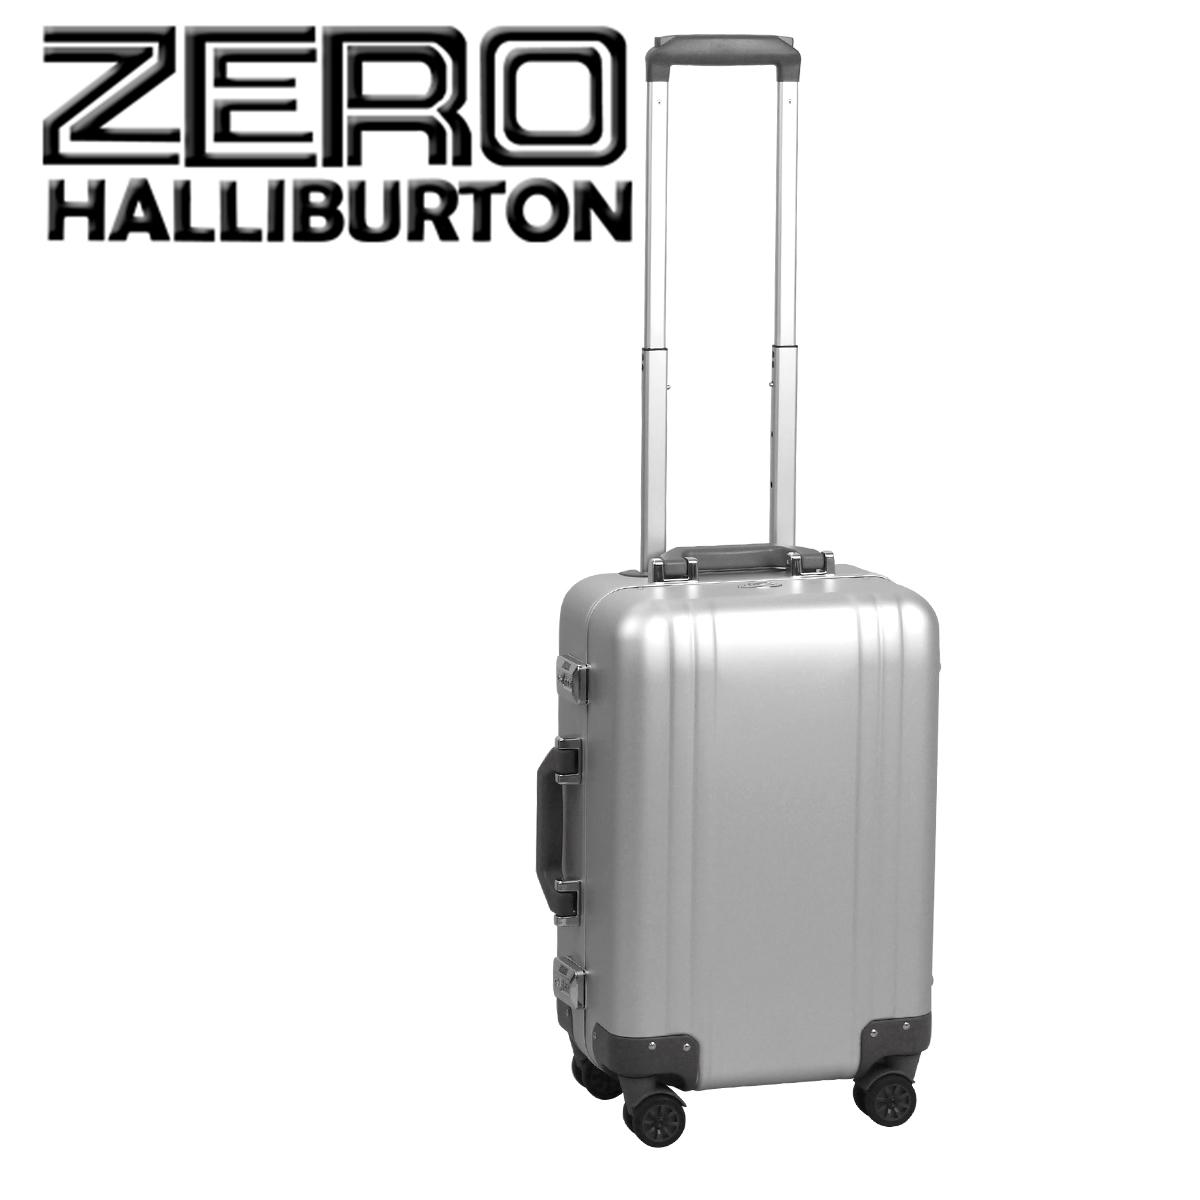 ゼロハリバートン クラシック アルミニウム 2.0 スーツケース/ビジネスケース シルバー Carry-On 4-Wheel Spinner Travel Case 4輪 機内持ち込み 北海道・沖縄は別途945円加算